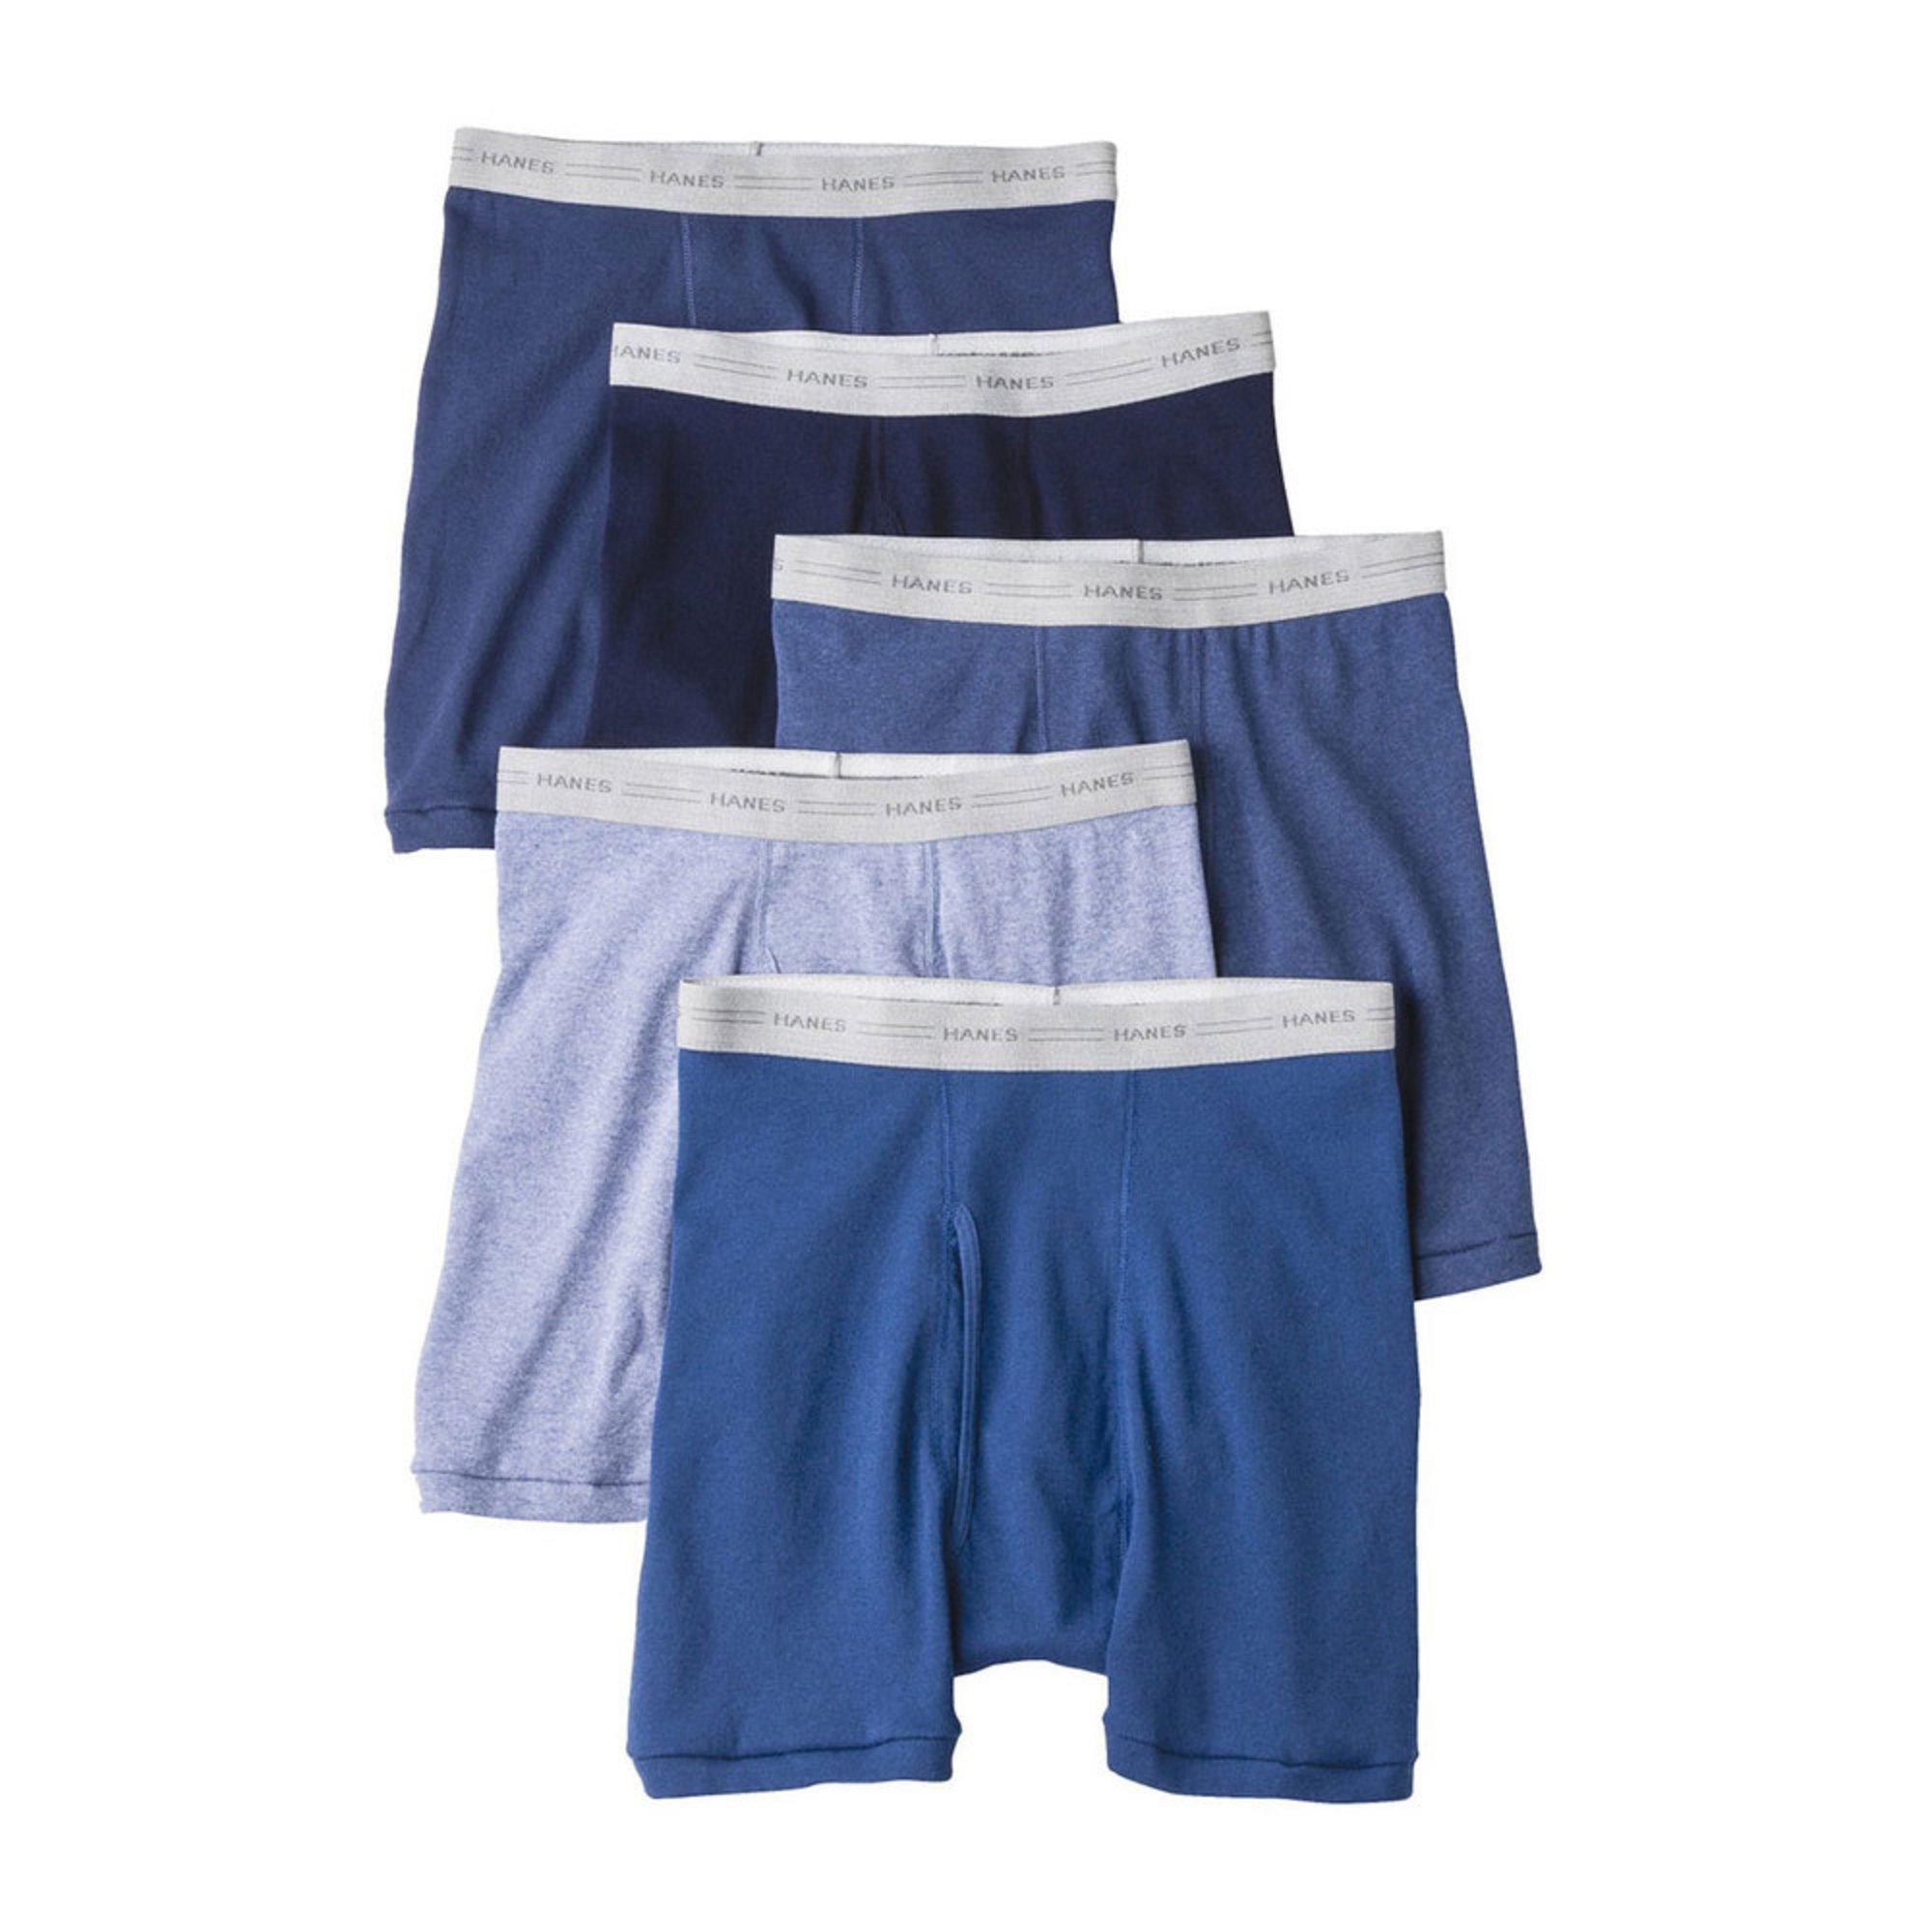 9e31525993ca Hanes Men's 5-pack Dyed Boxer Briefs | Men's Underwear | Apparel - Shop  Your Navy Exchange - Official Site